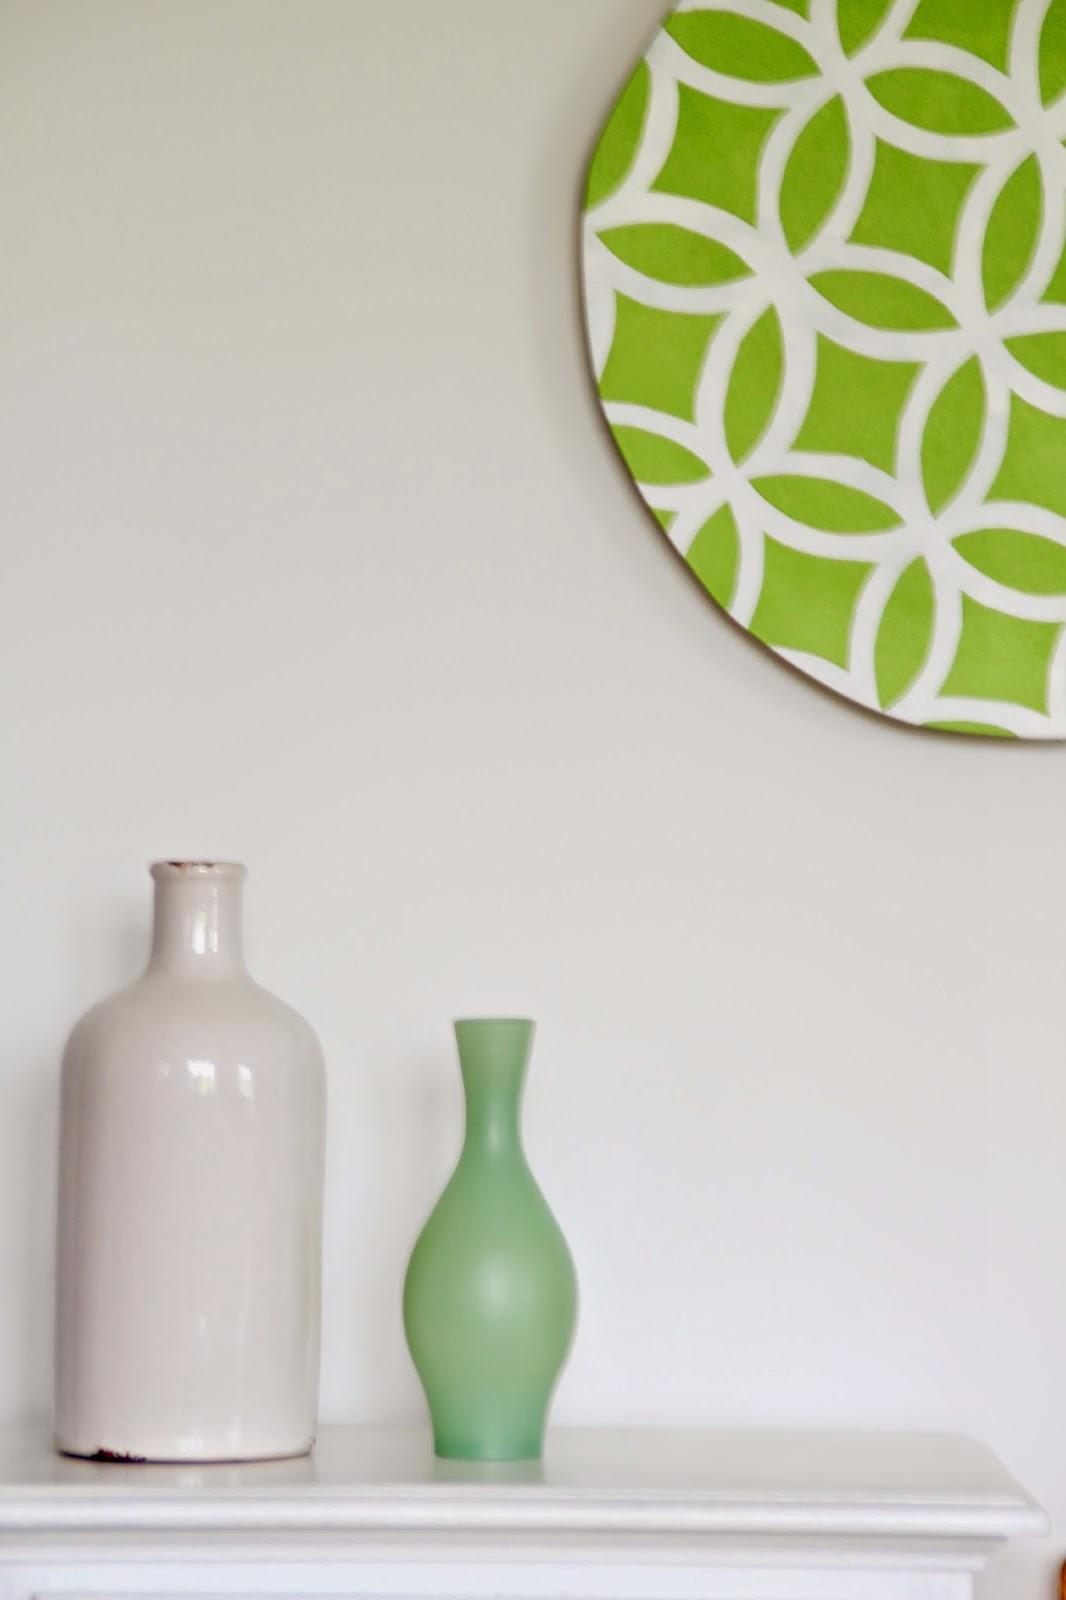 Fertige Wanddeko mit grün weißem grafischem Muster und Vasendeko